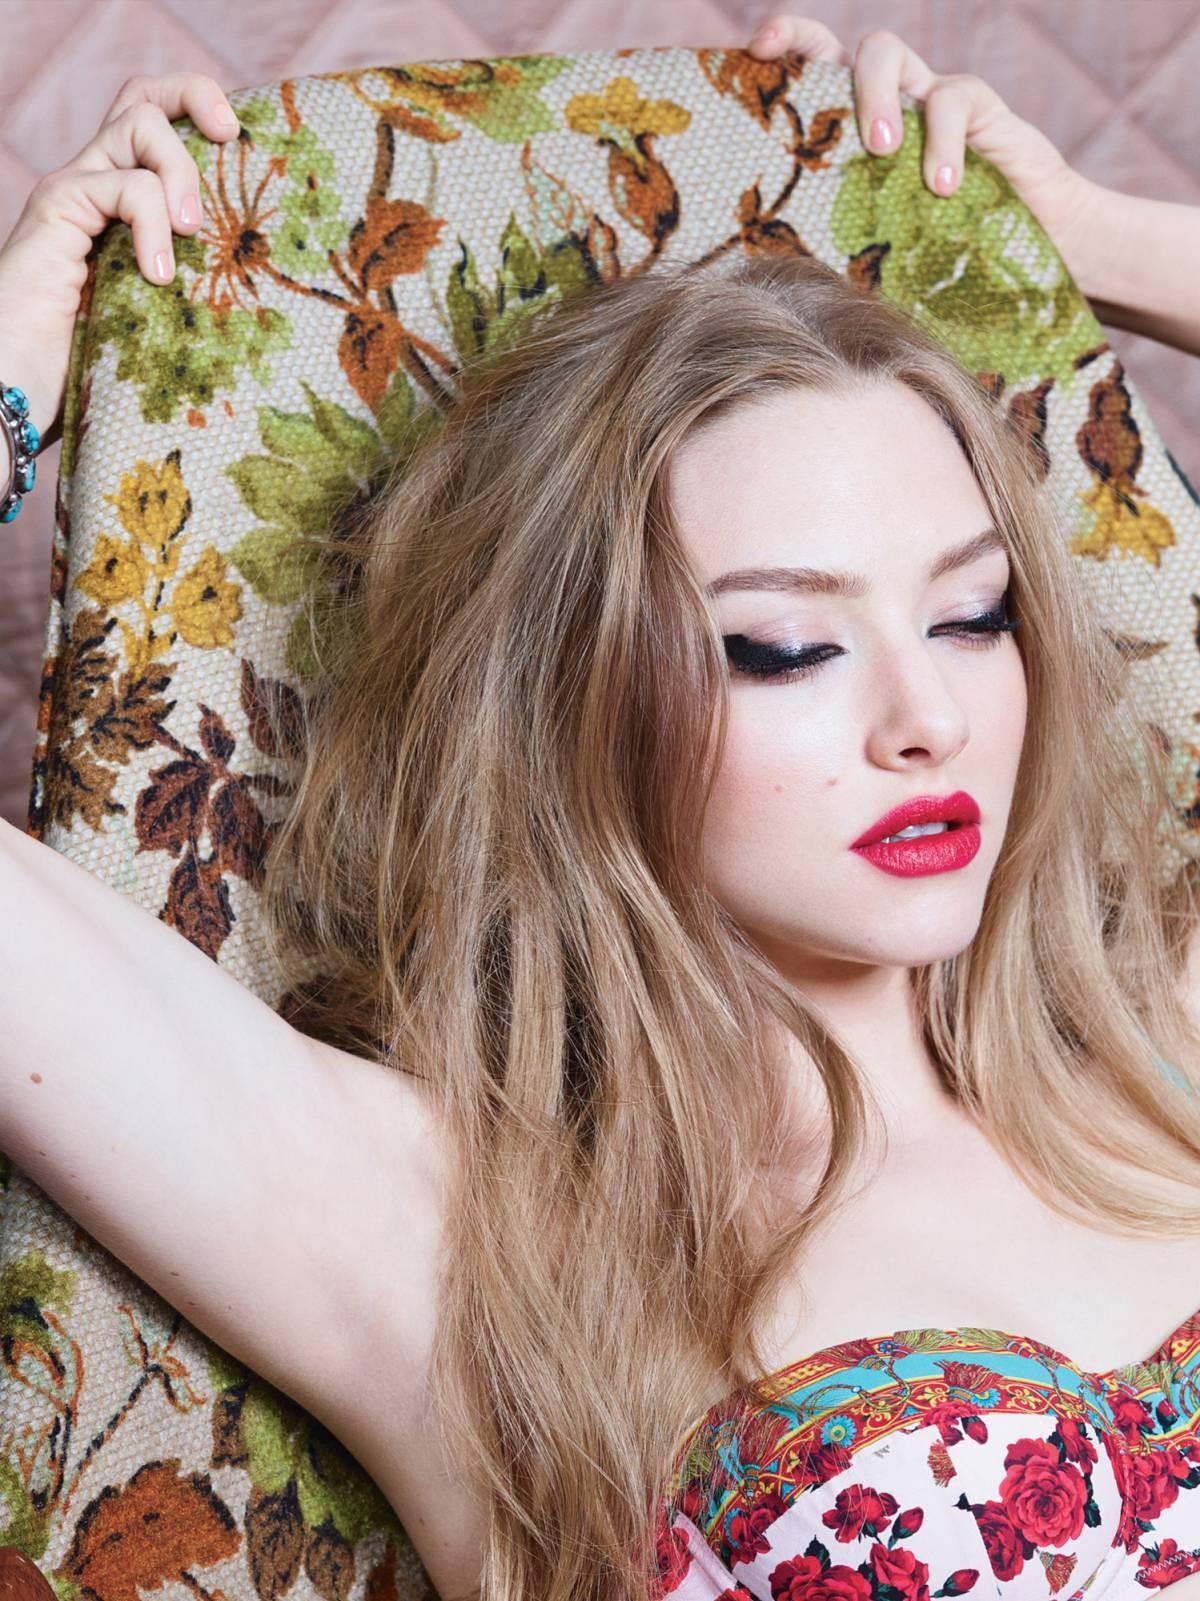 Amanda Seyfried fotos desnuda 7